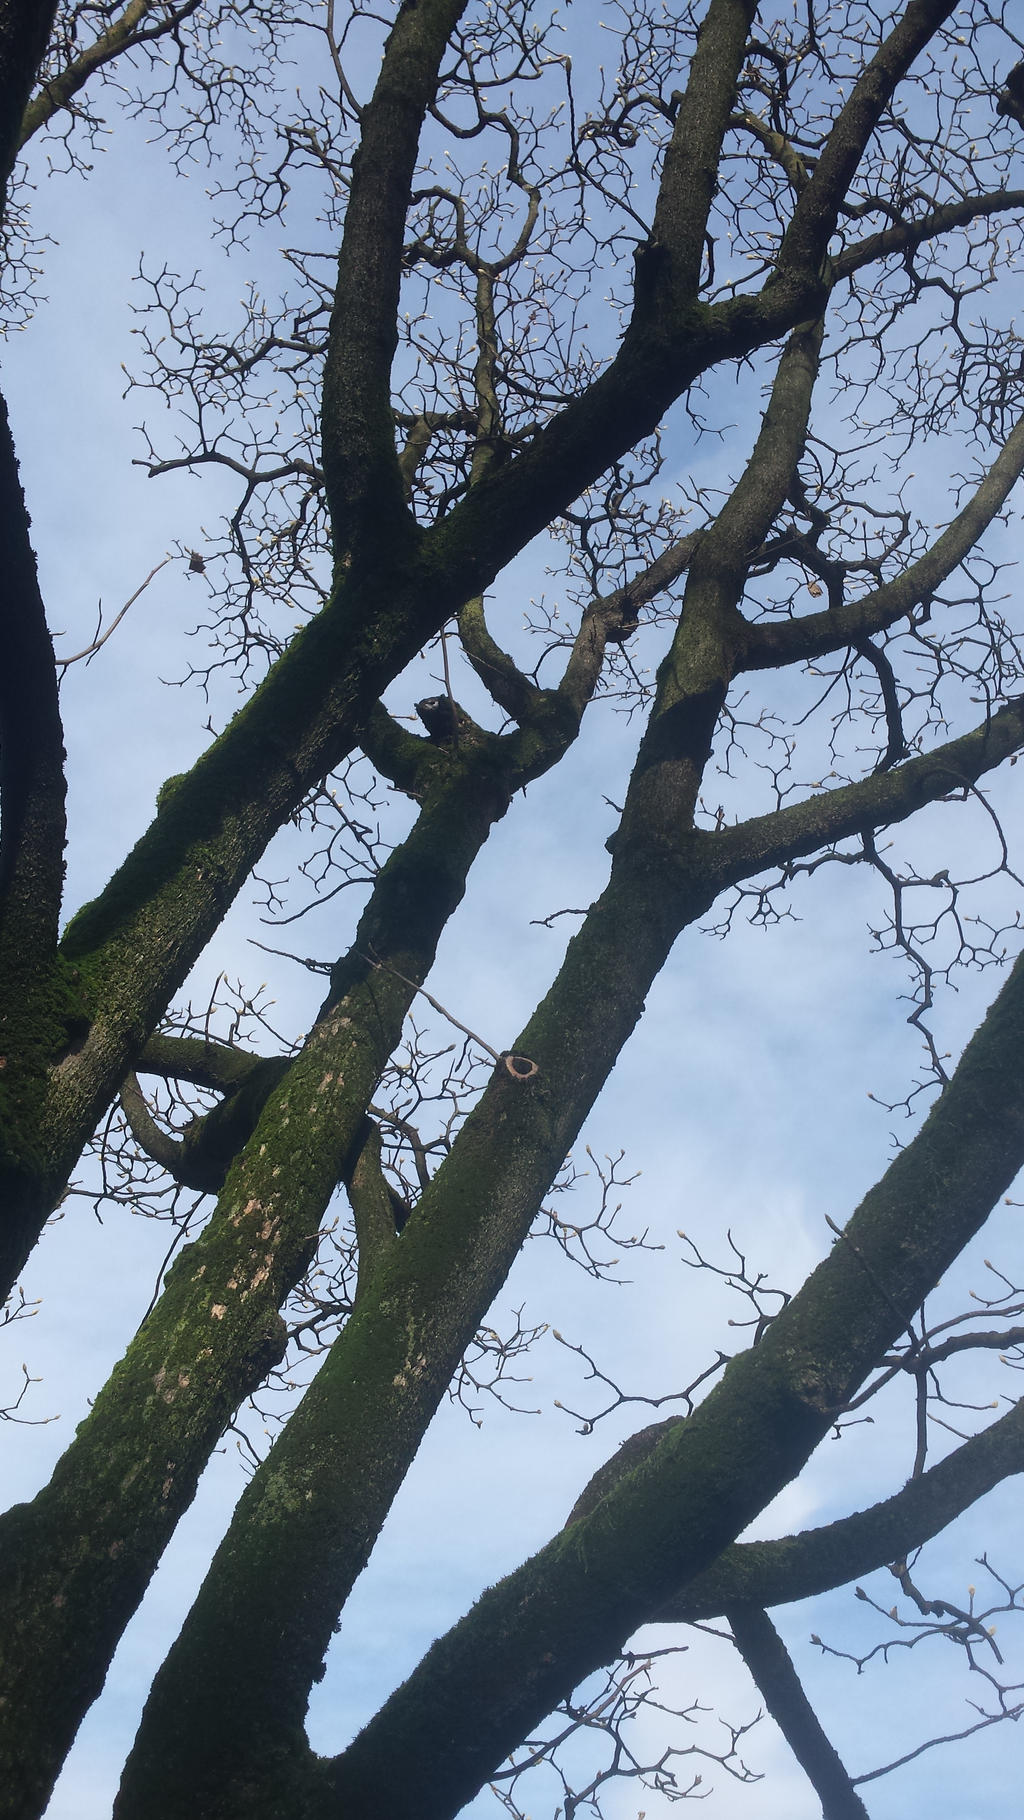 cielo sulla magnolia by solstiziodinverno